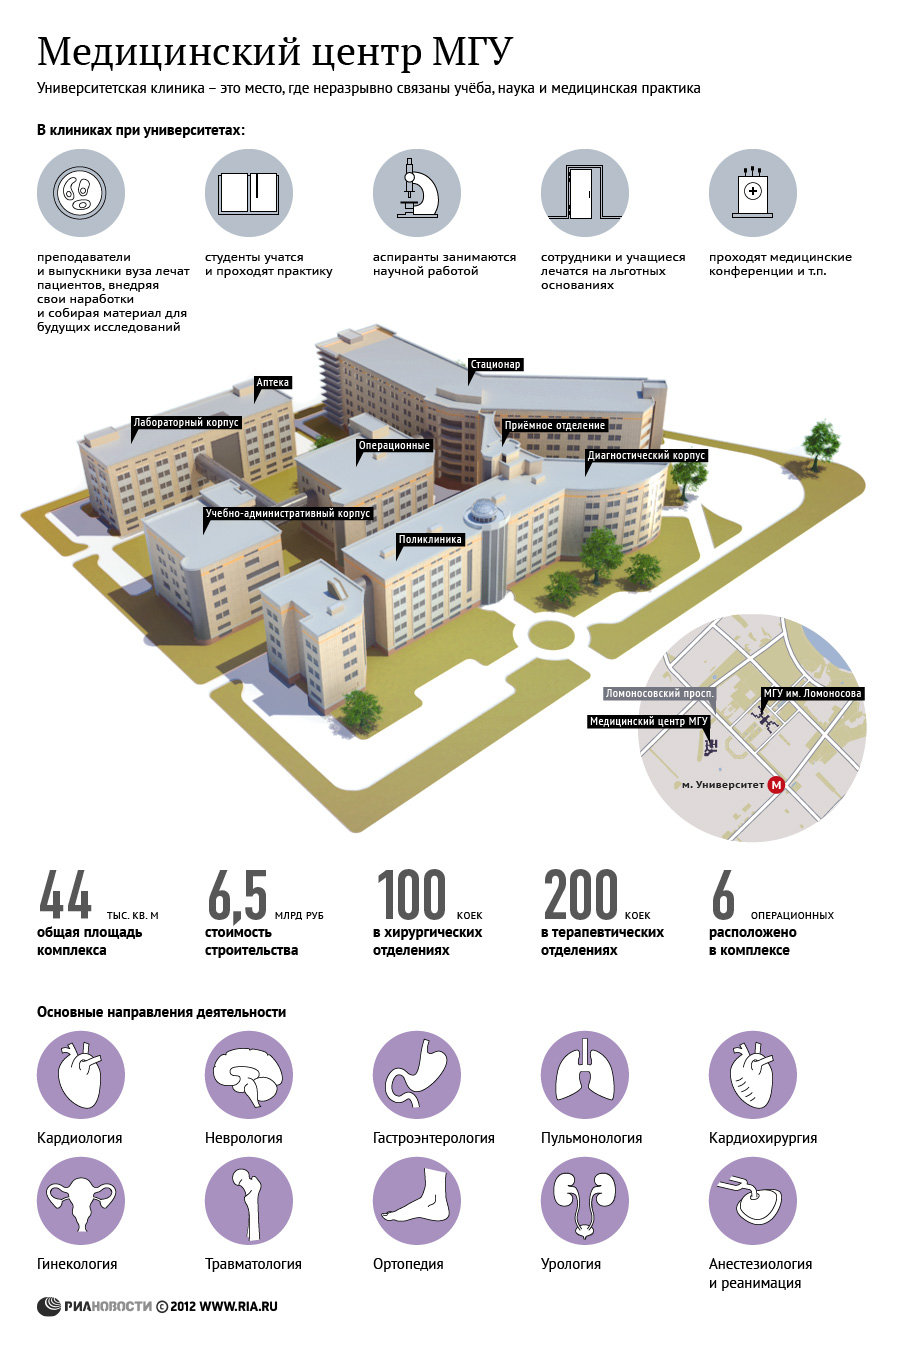 Медицинский научно-образовательный центр МГУ